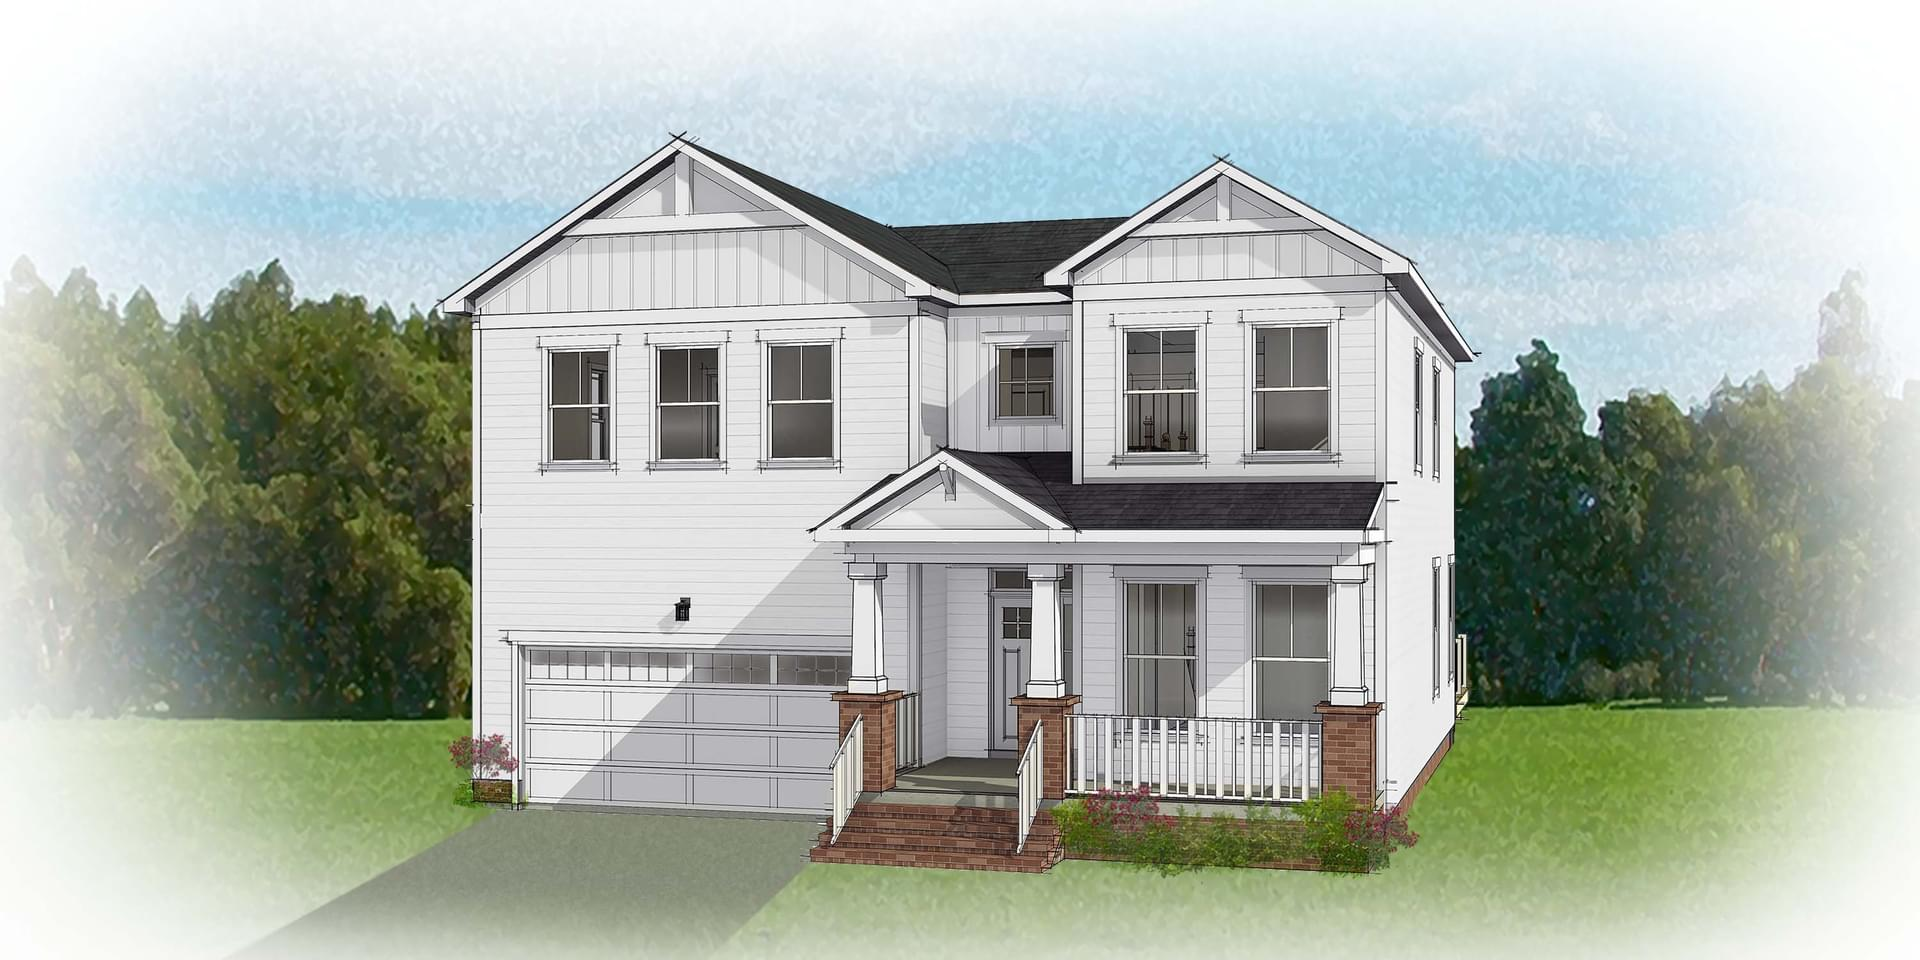 207 Alico Drive, Blacksburg, VA 24060 Home for Sale